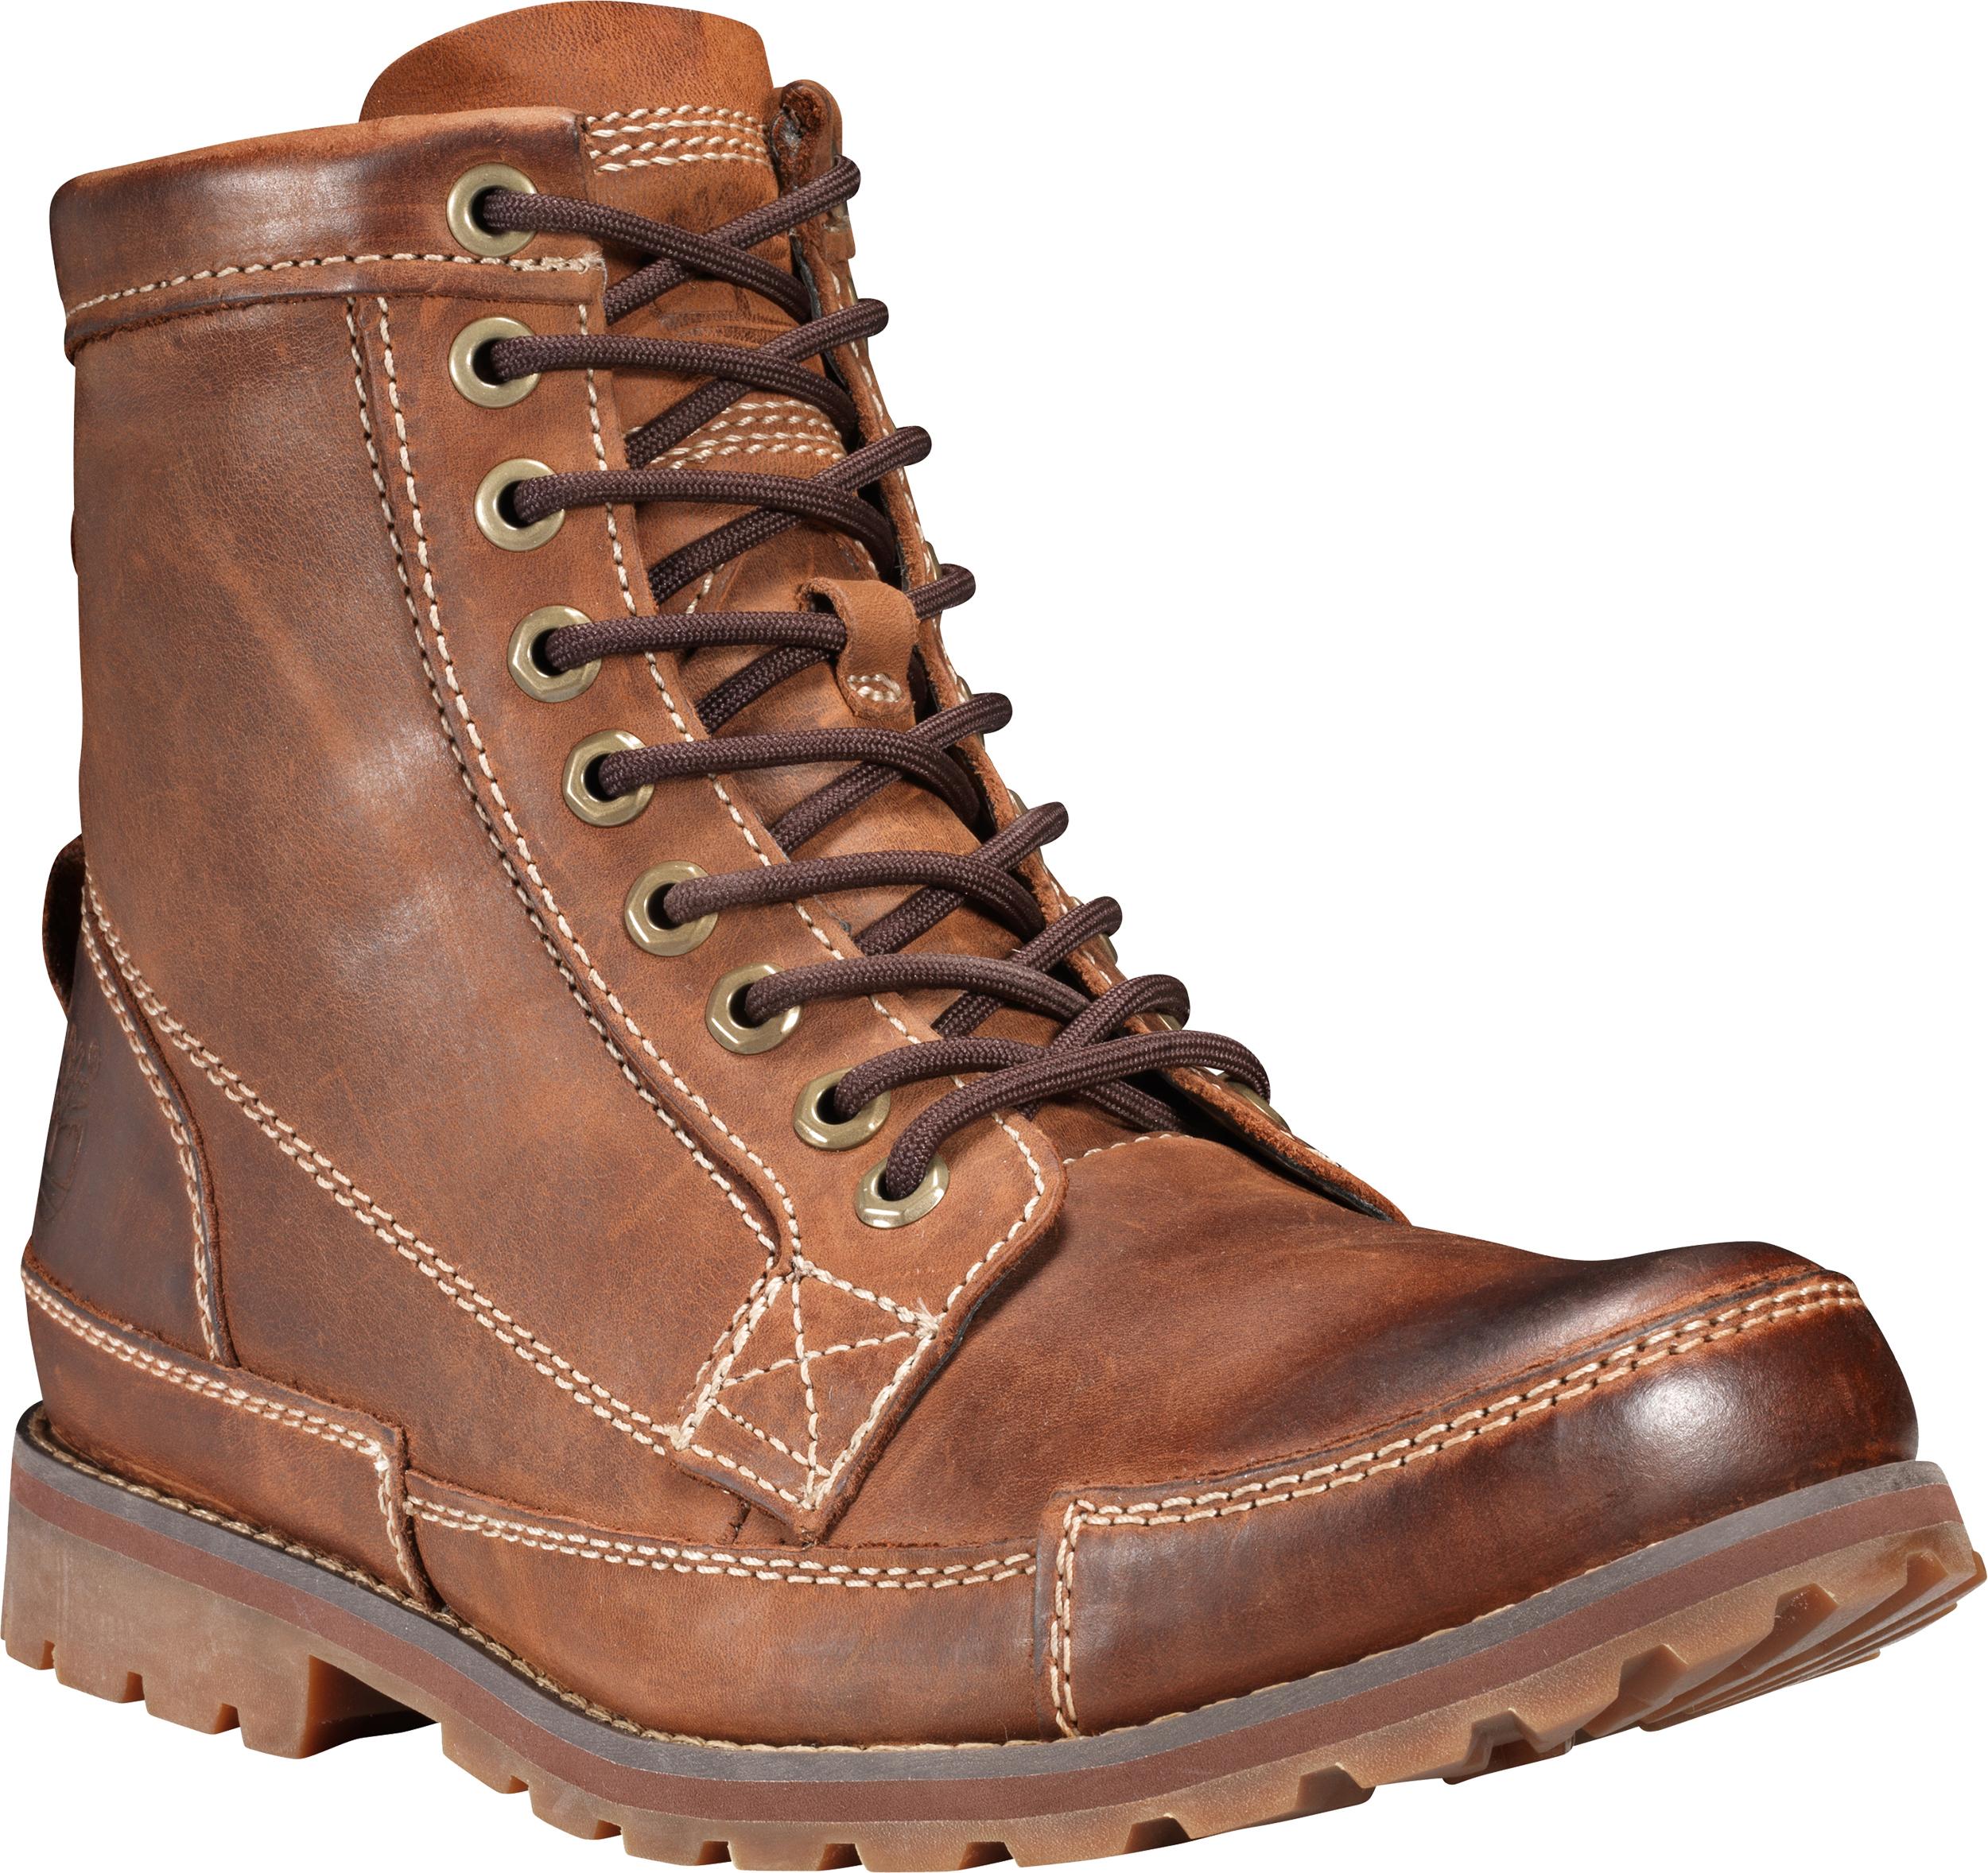 568b62d4018 Timberland Boots | MEC